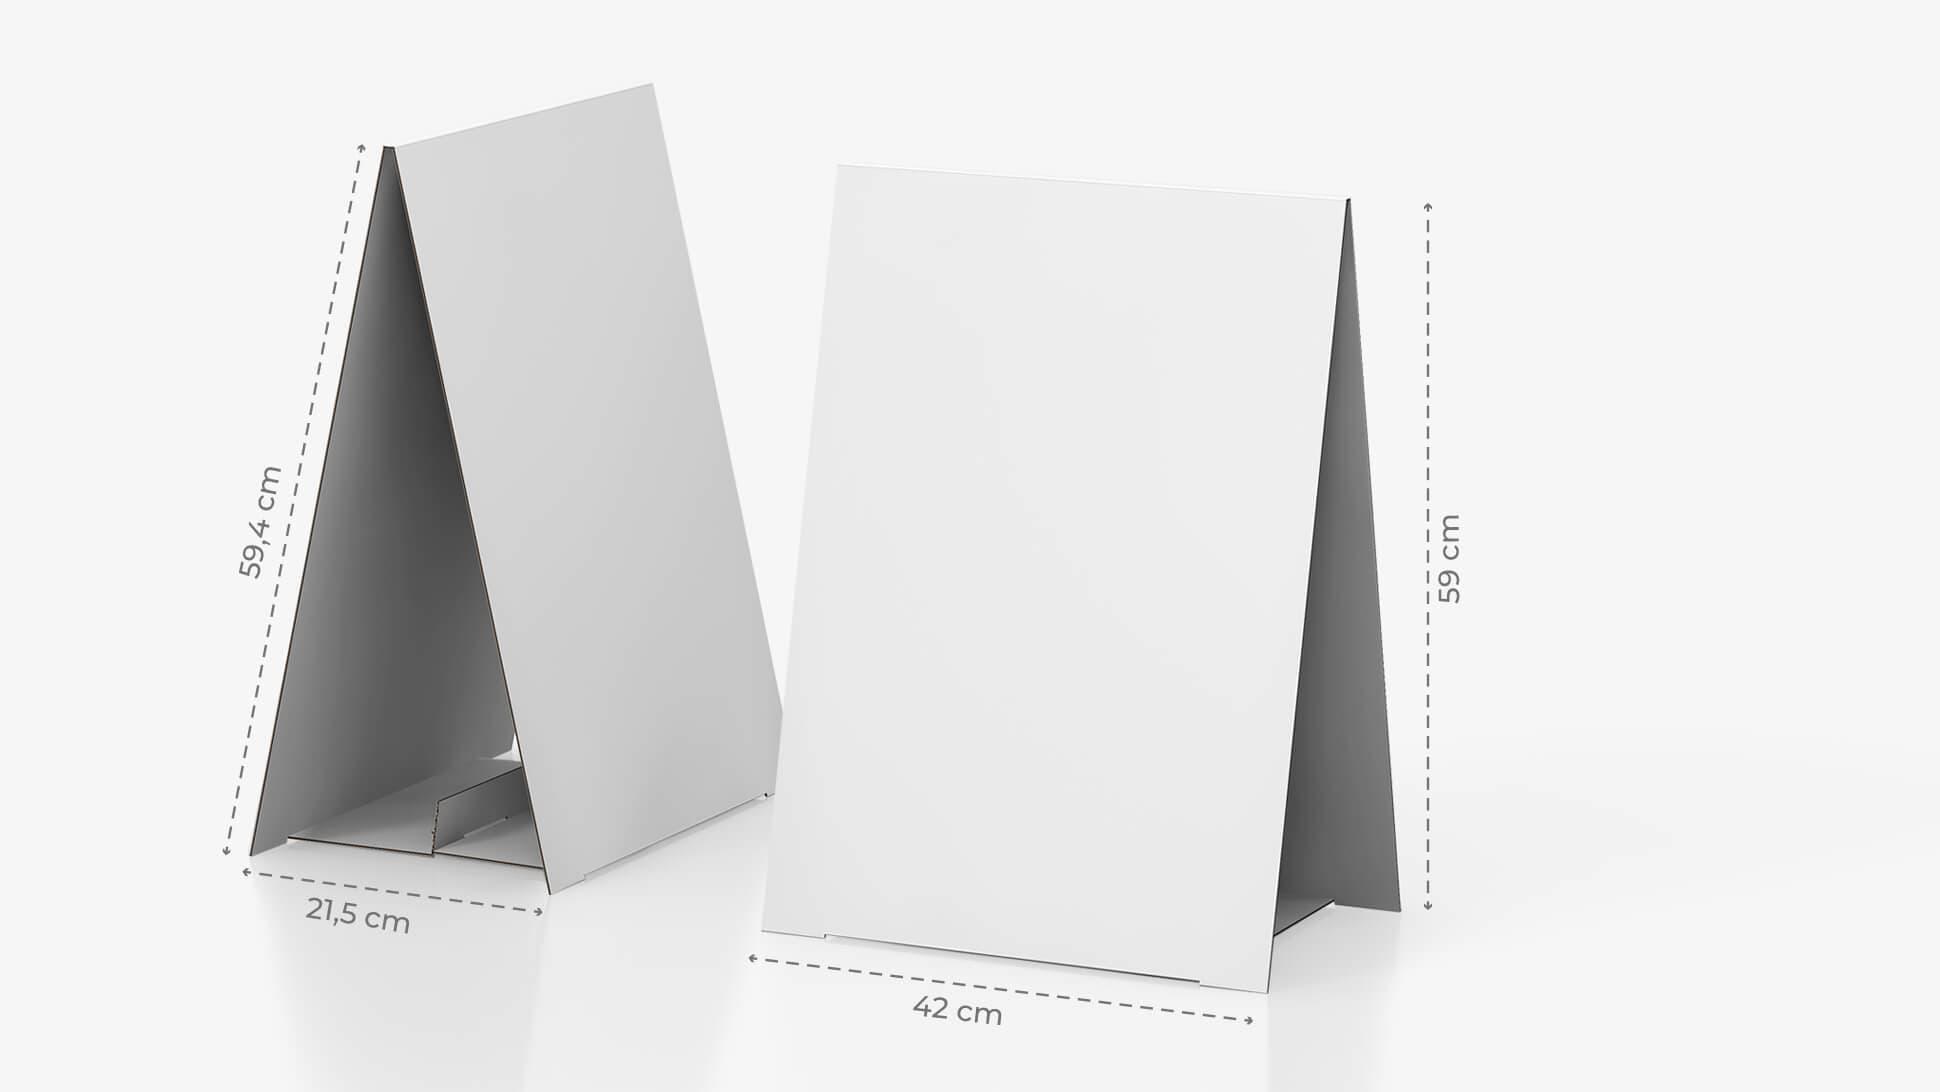 Display bifacciale da banco 59,4x42 cm personalizzabile | tictac.it